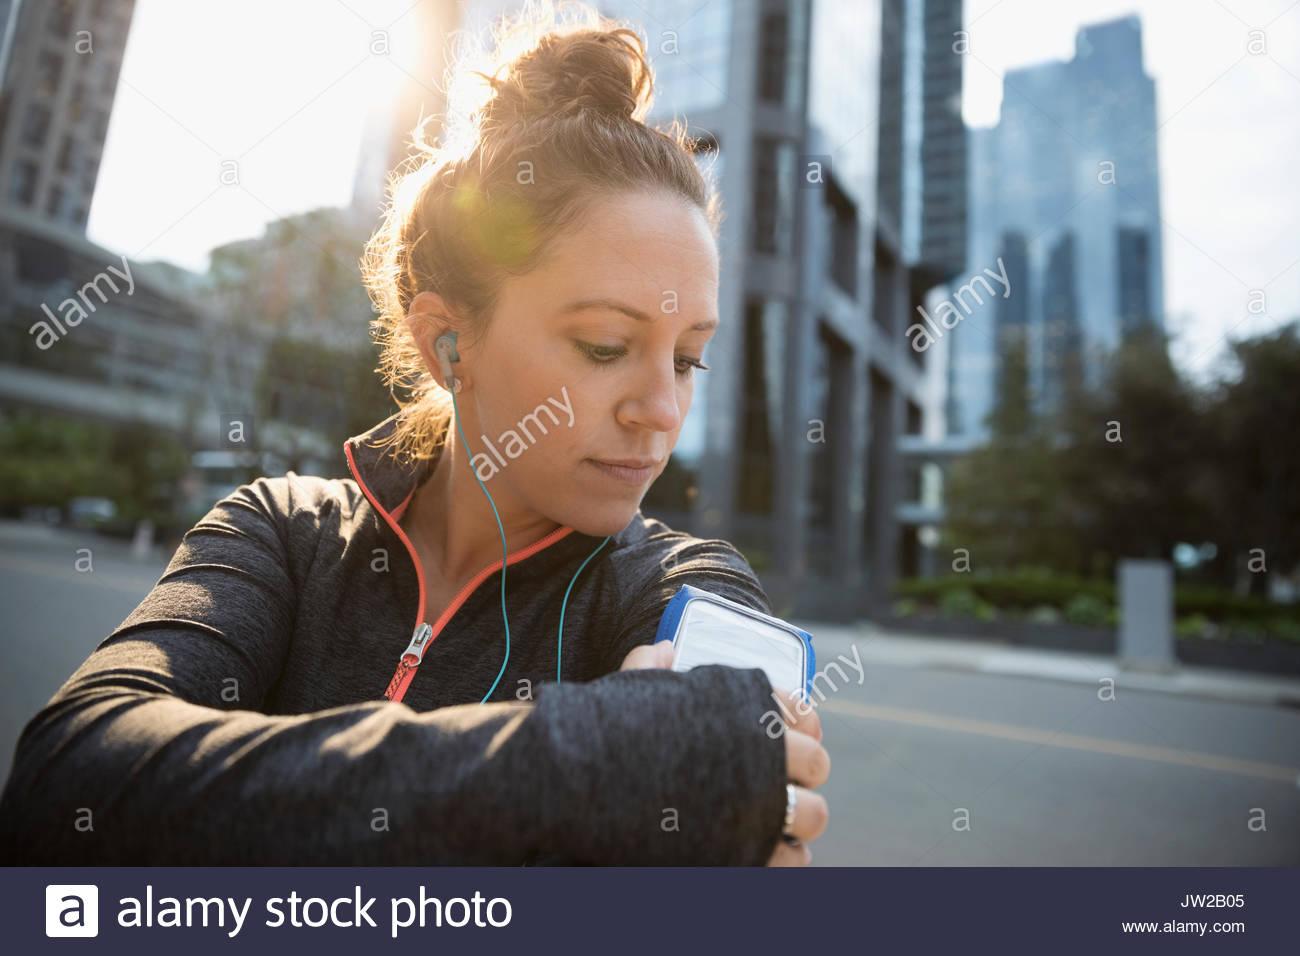 Femmina regolazione runner mp3 player fascia per il braccio, l'ascolto di musica con le cuffie auricolari su strada urbana Immagini Stock